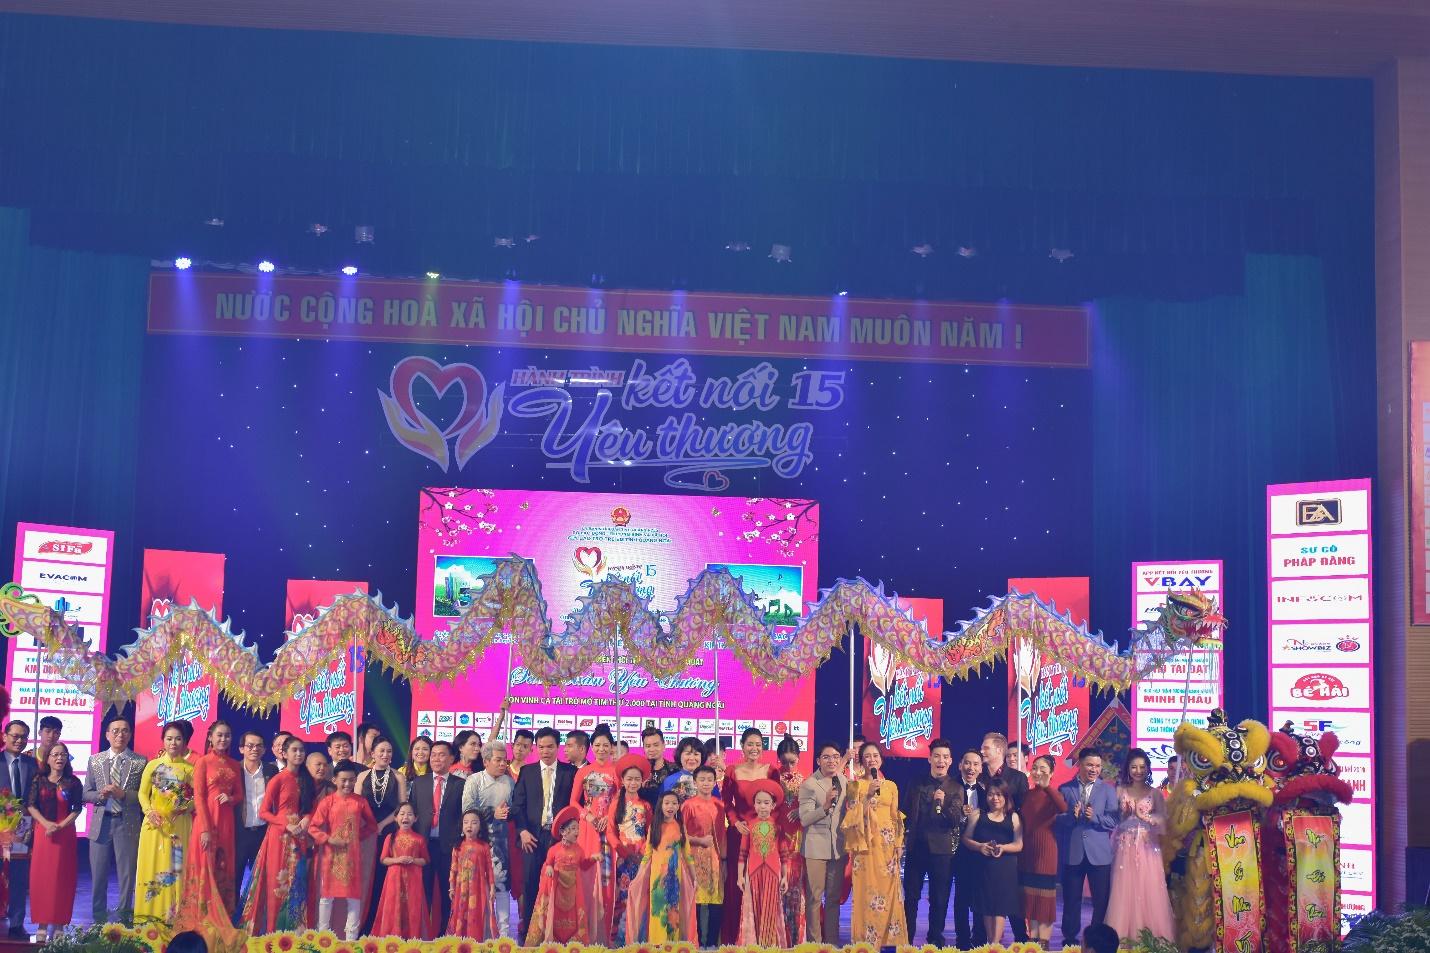 Lưu Lan Anh cùng Hành Trình Kết Nối Yêu Thương số 15 mang yêu thương đến Quảng Ngãi - Ảnh 9